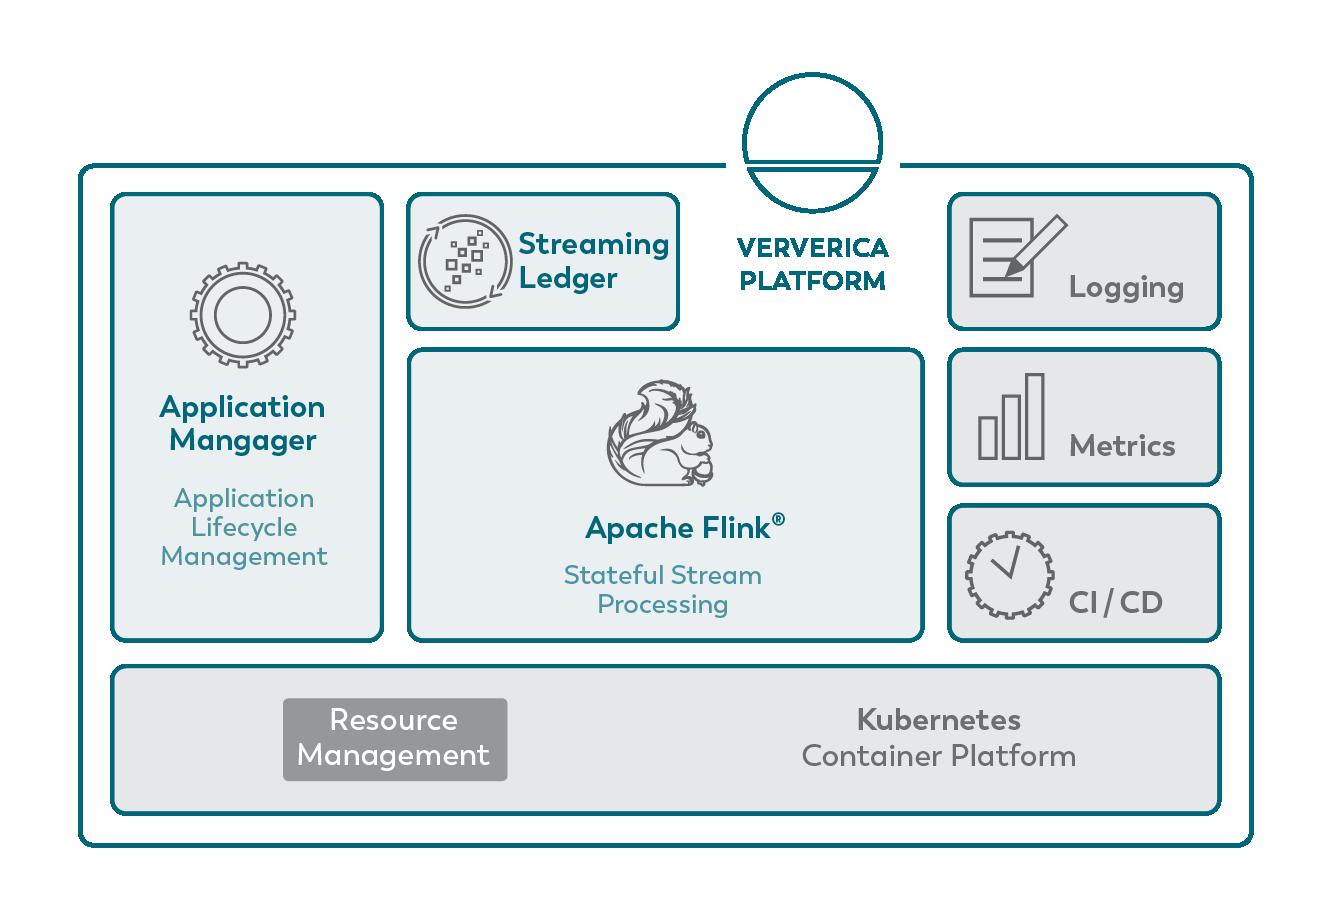 Ververica Platform overview graph-1